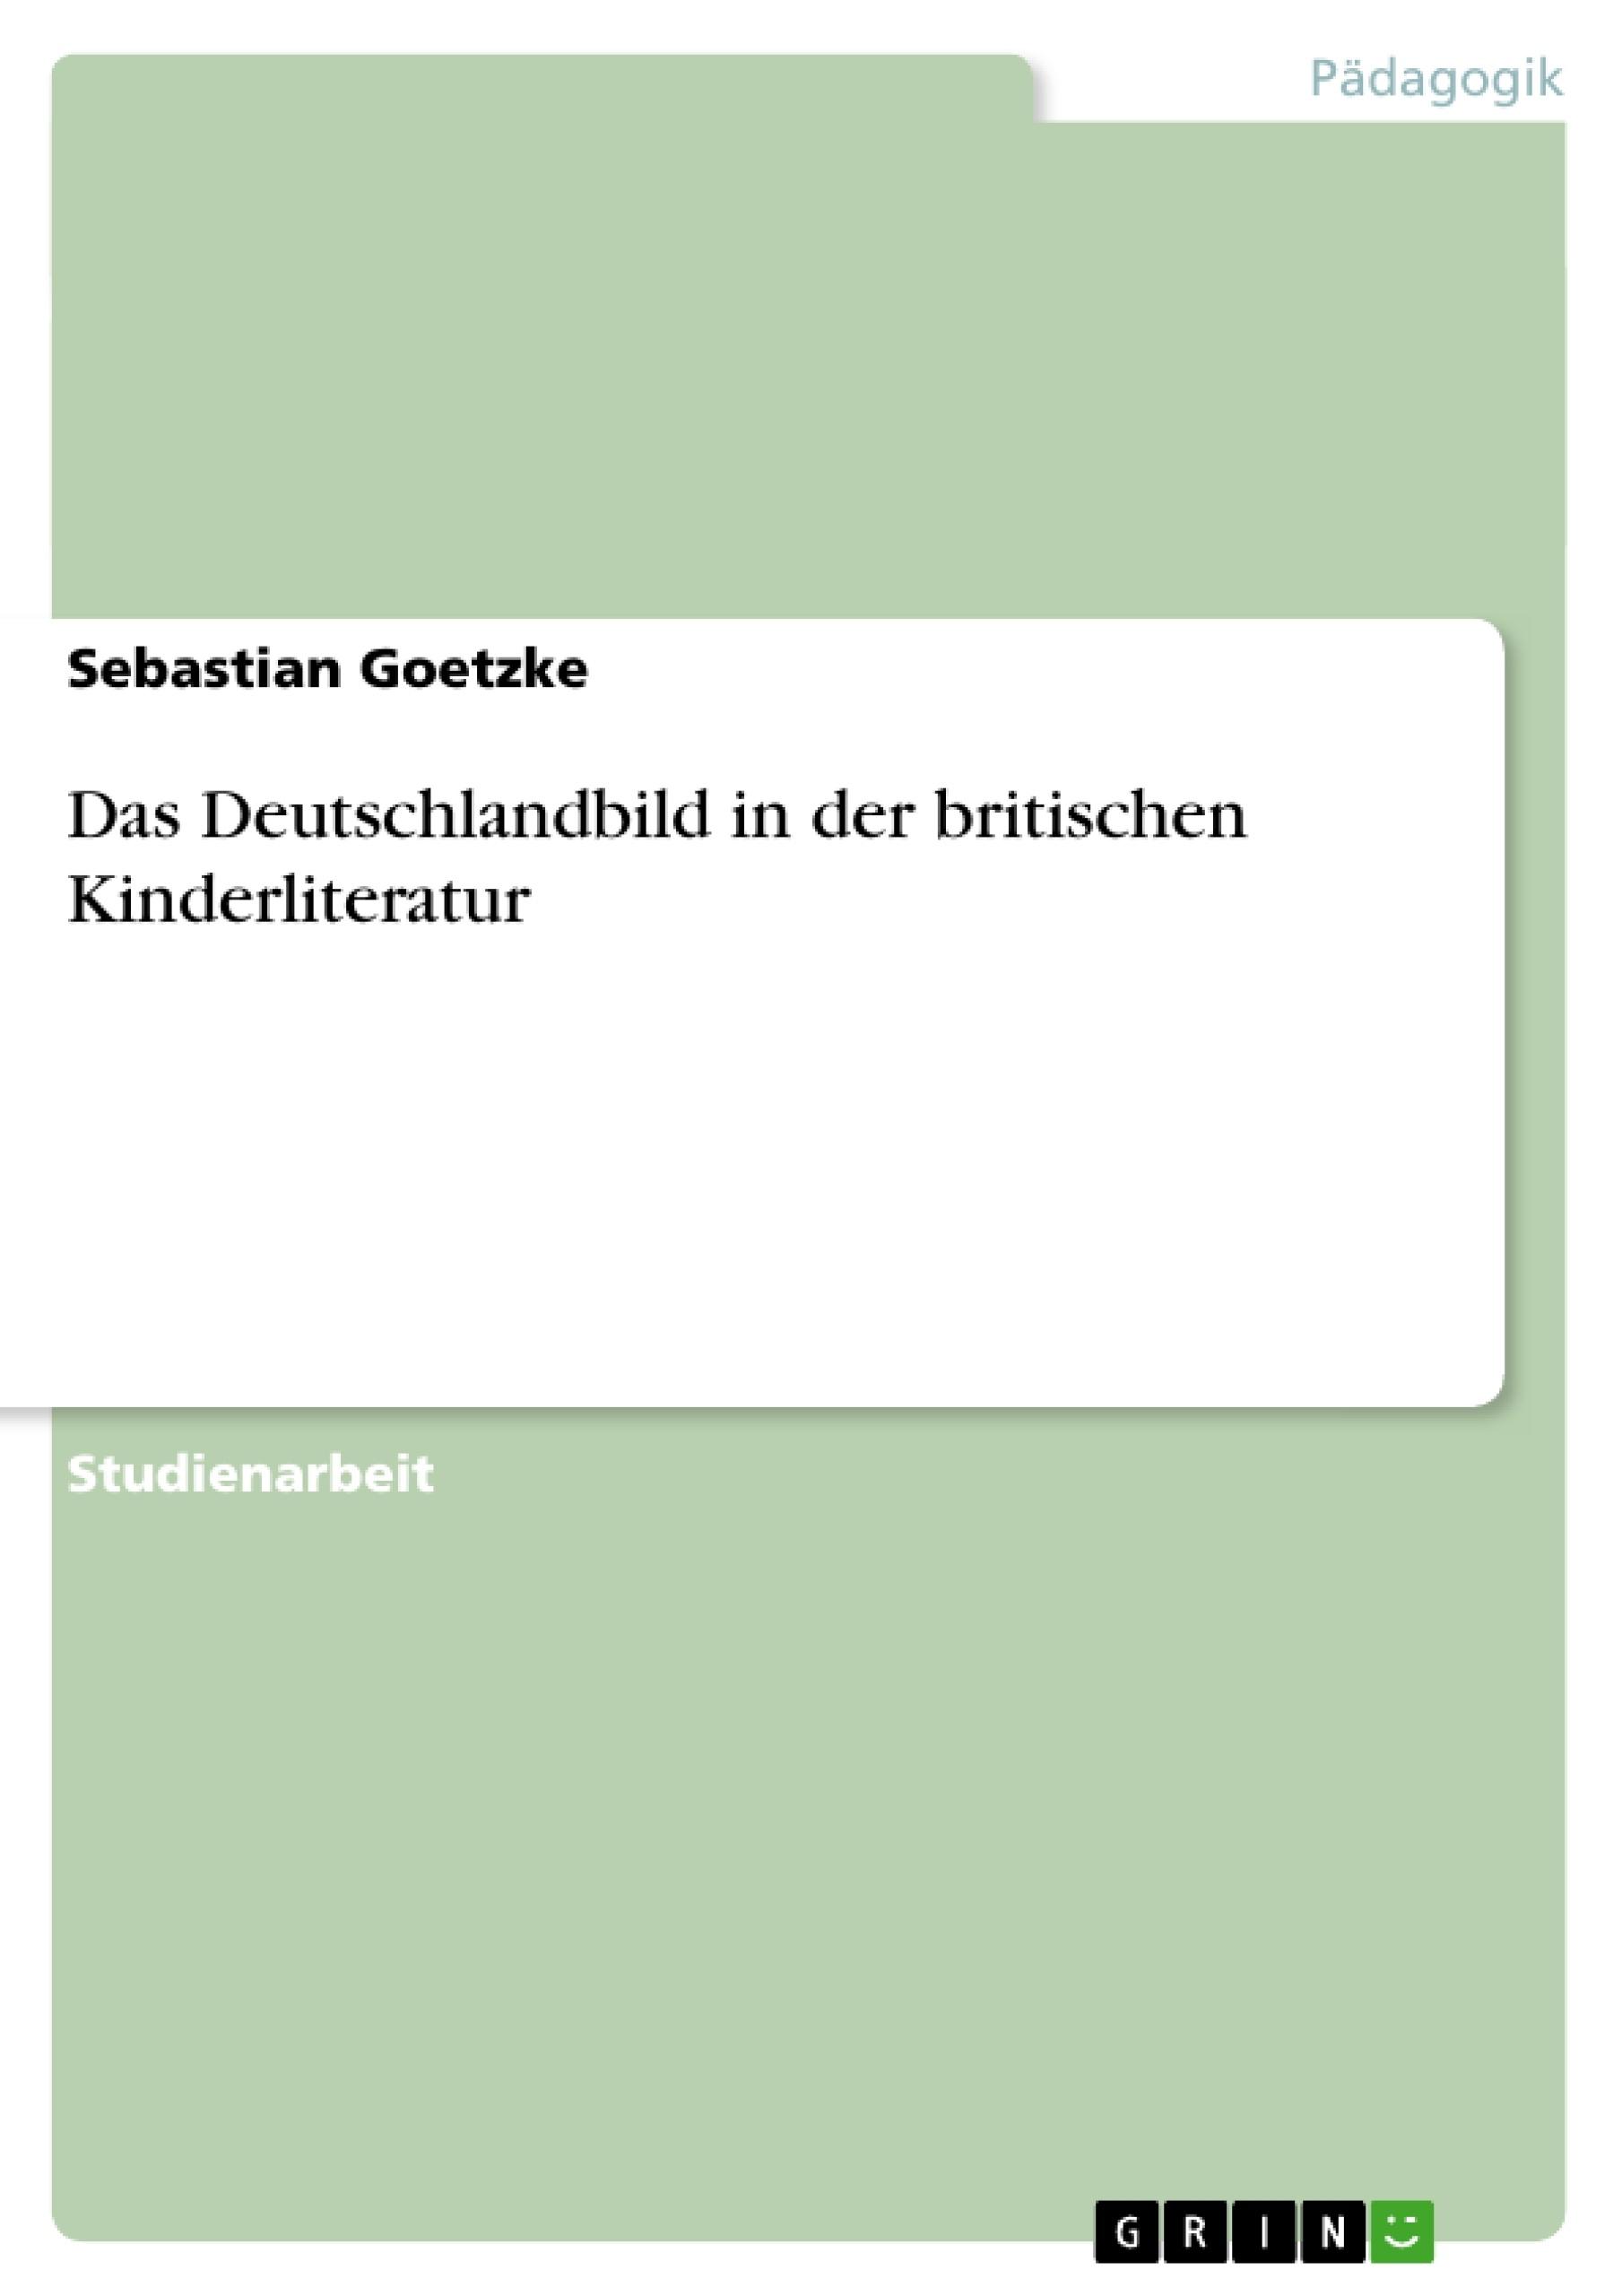 Titel: Das Deutschlandbild in der britischen Kinderliteratur